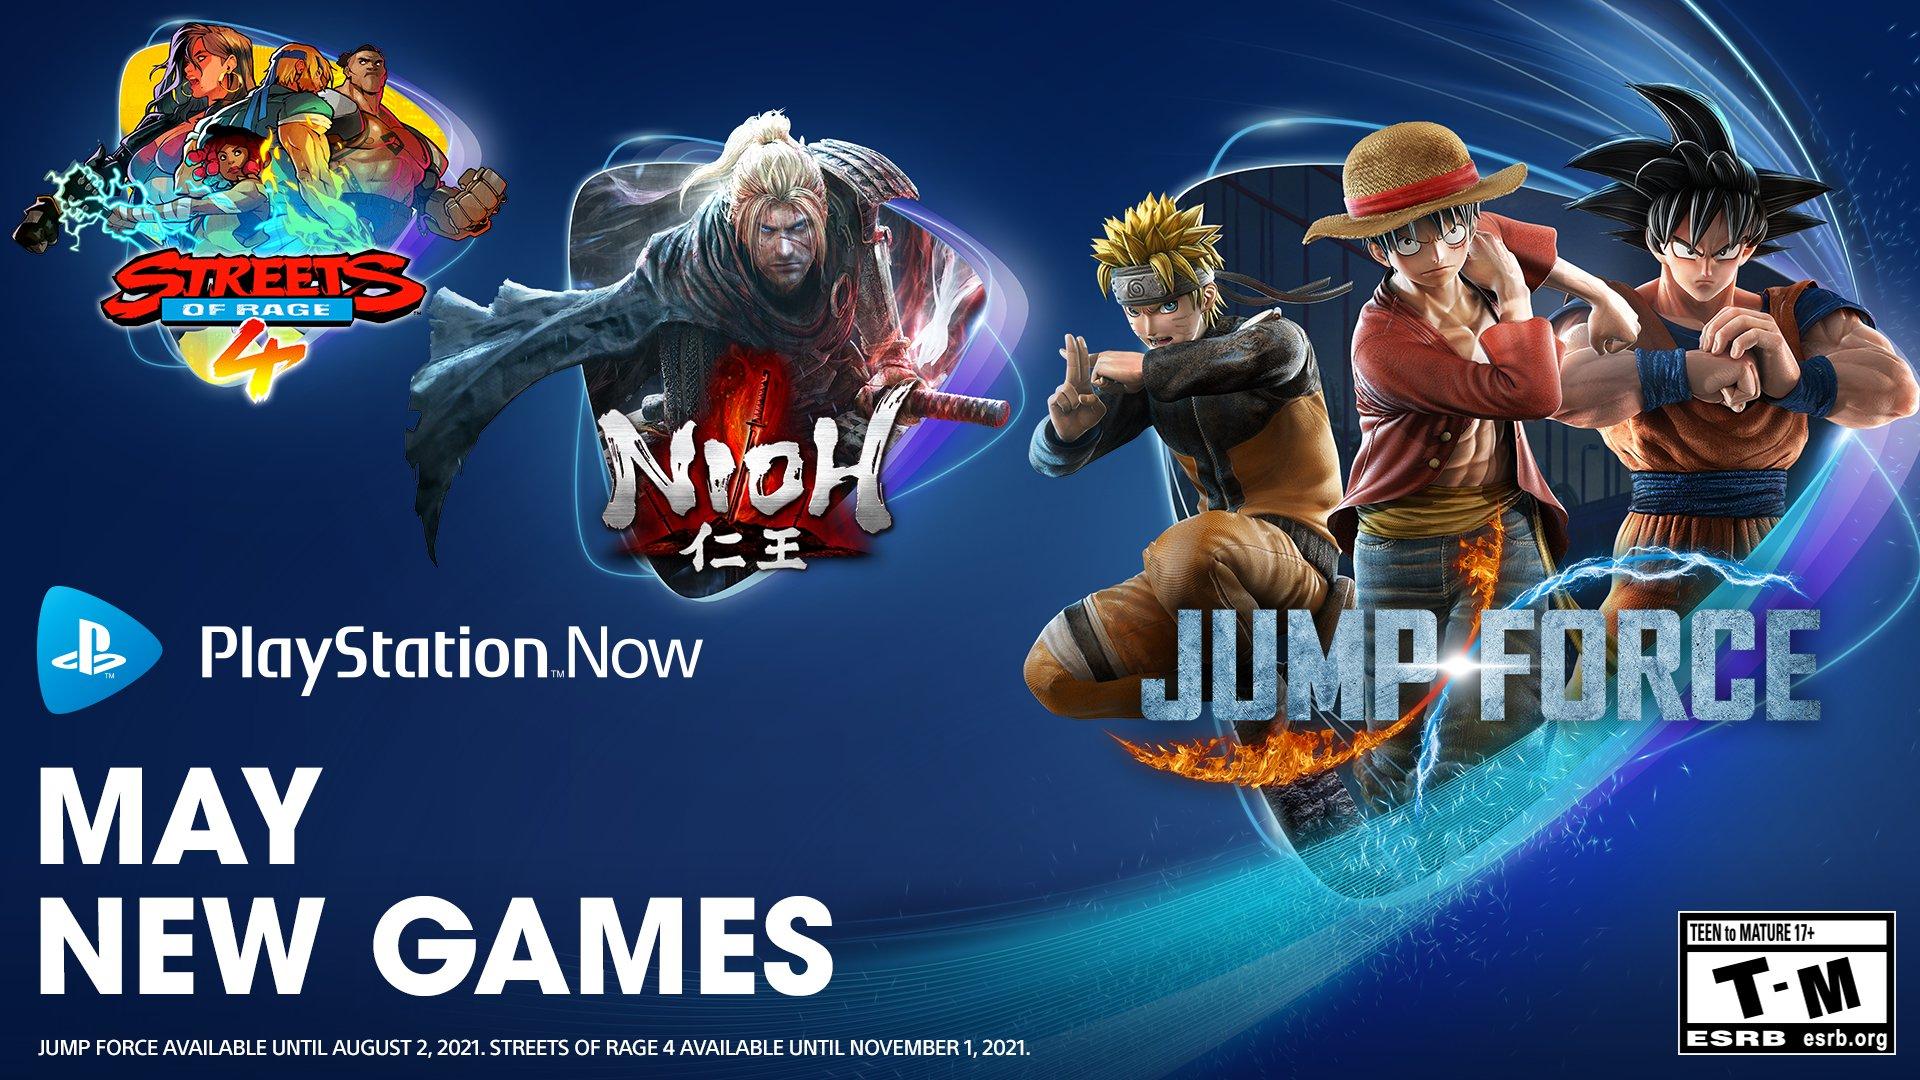 PS NOW新增游戏公布 《仁王》、《怒之铁拳4》等